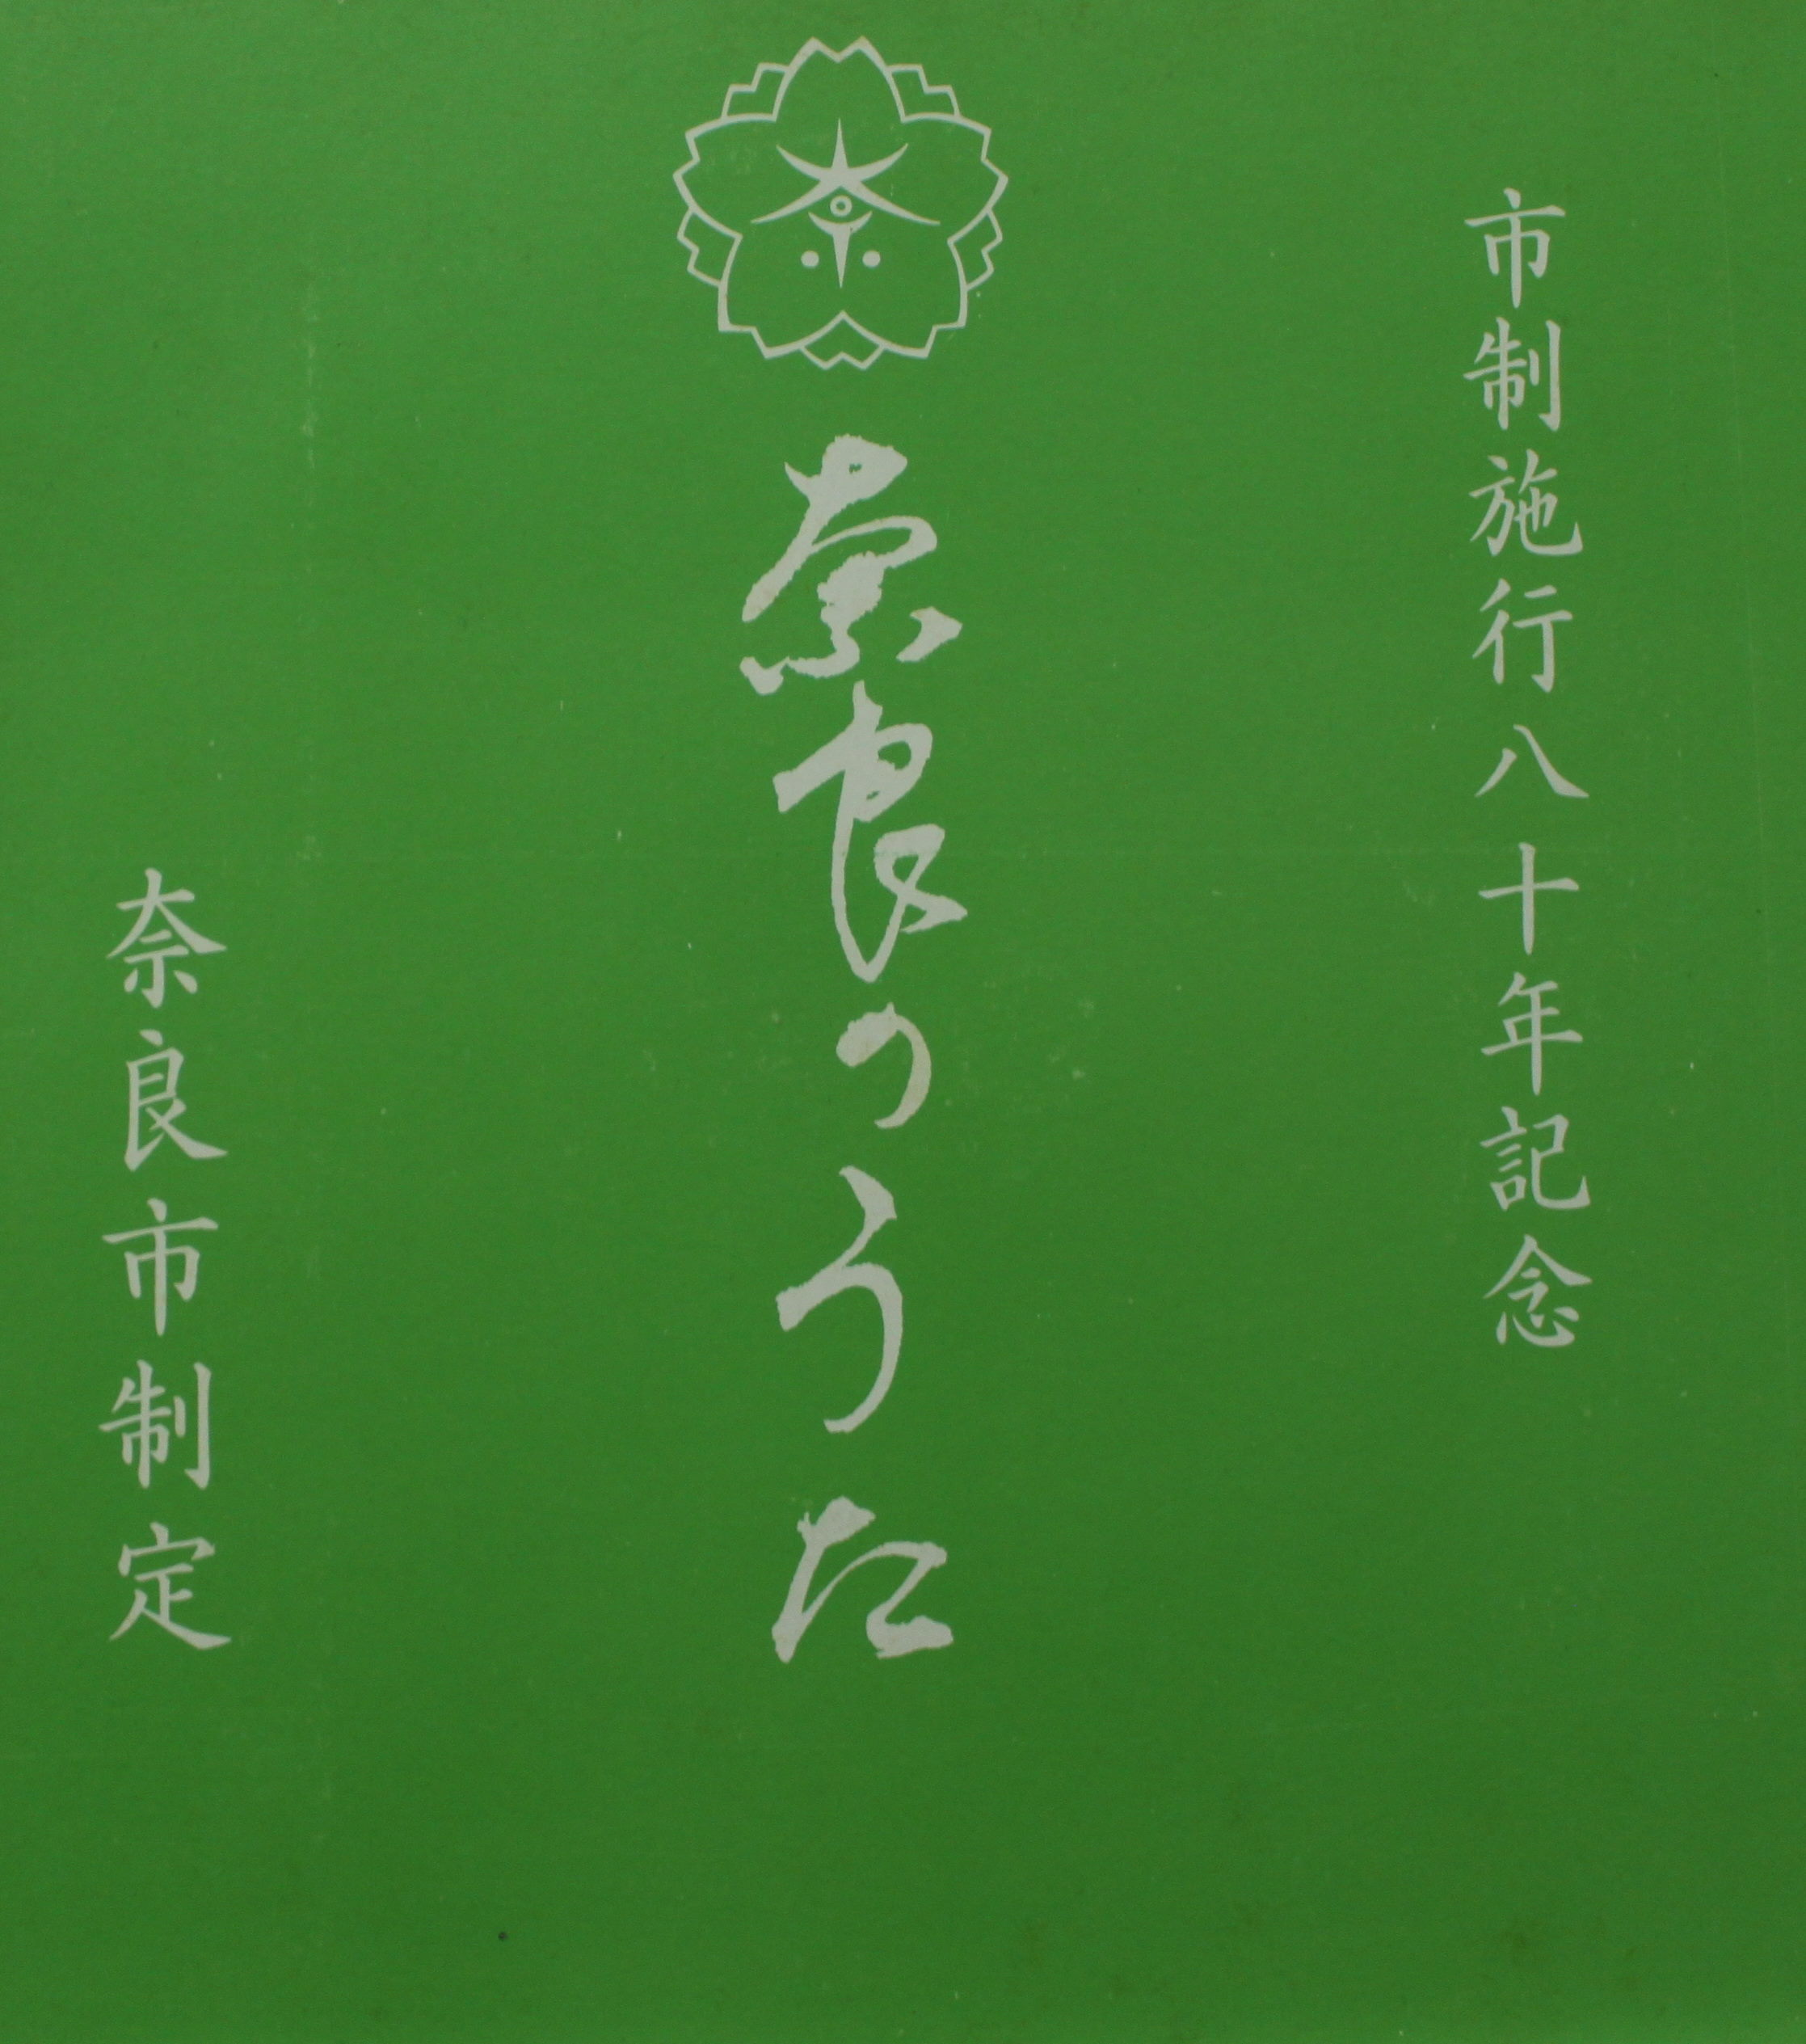 奈良市制定・奈良のうたソノシート_a0163227_14512787.jpg